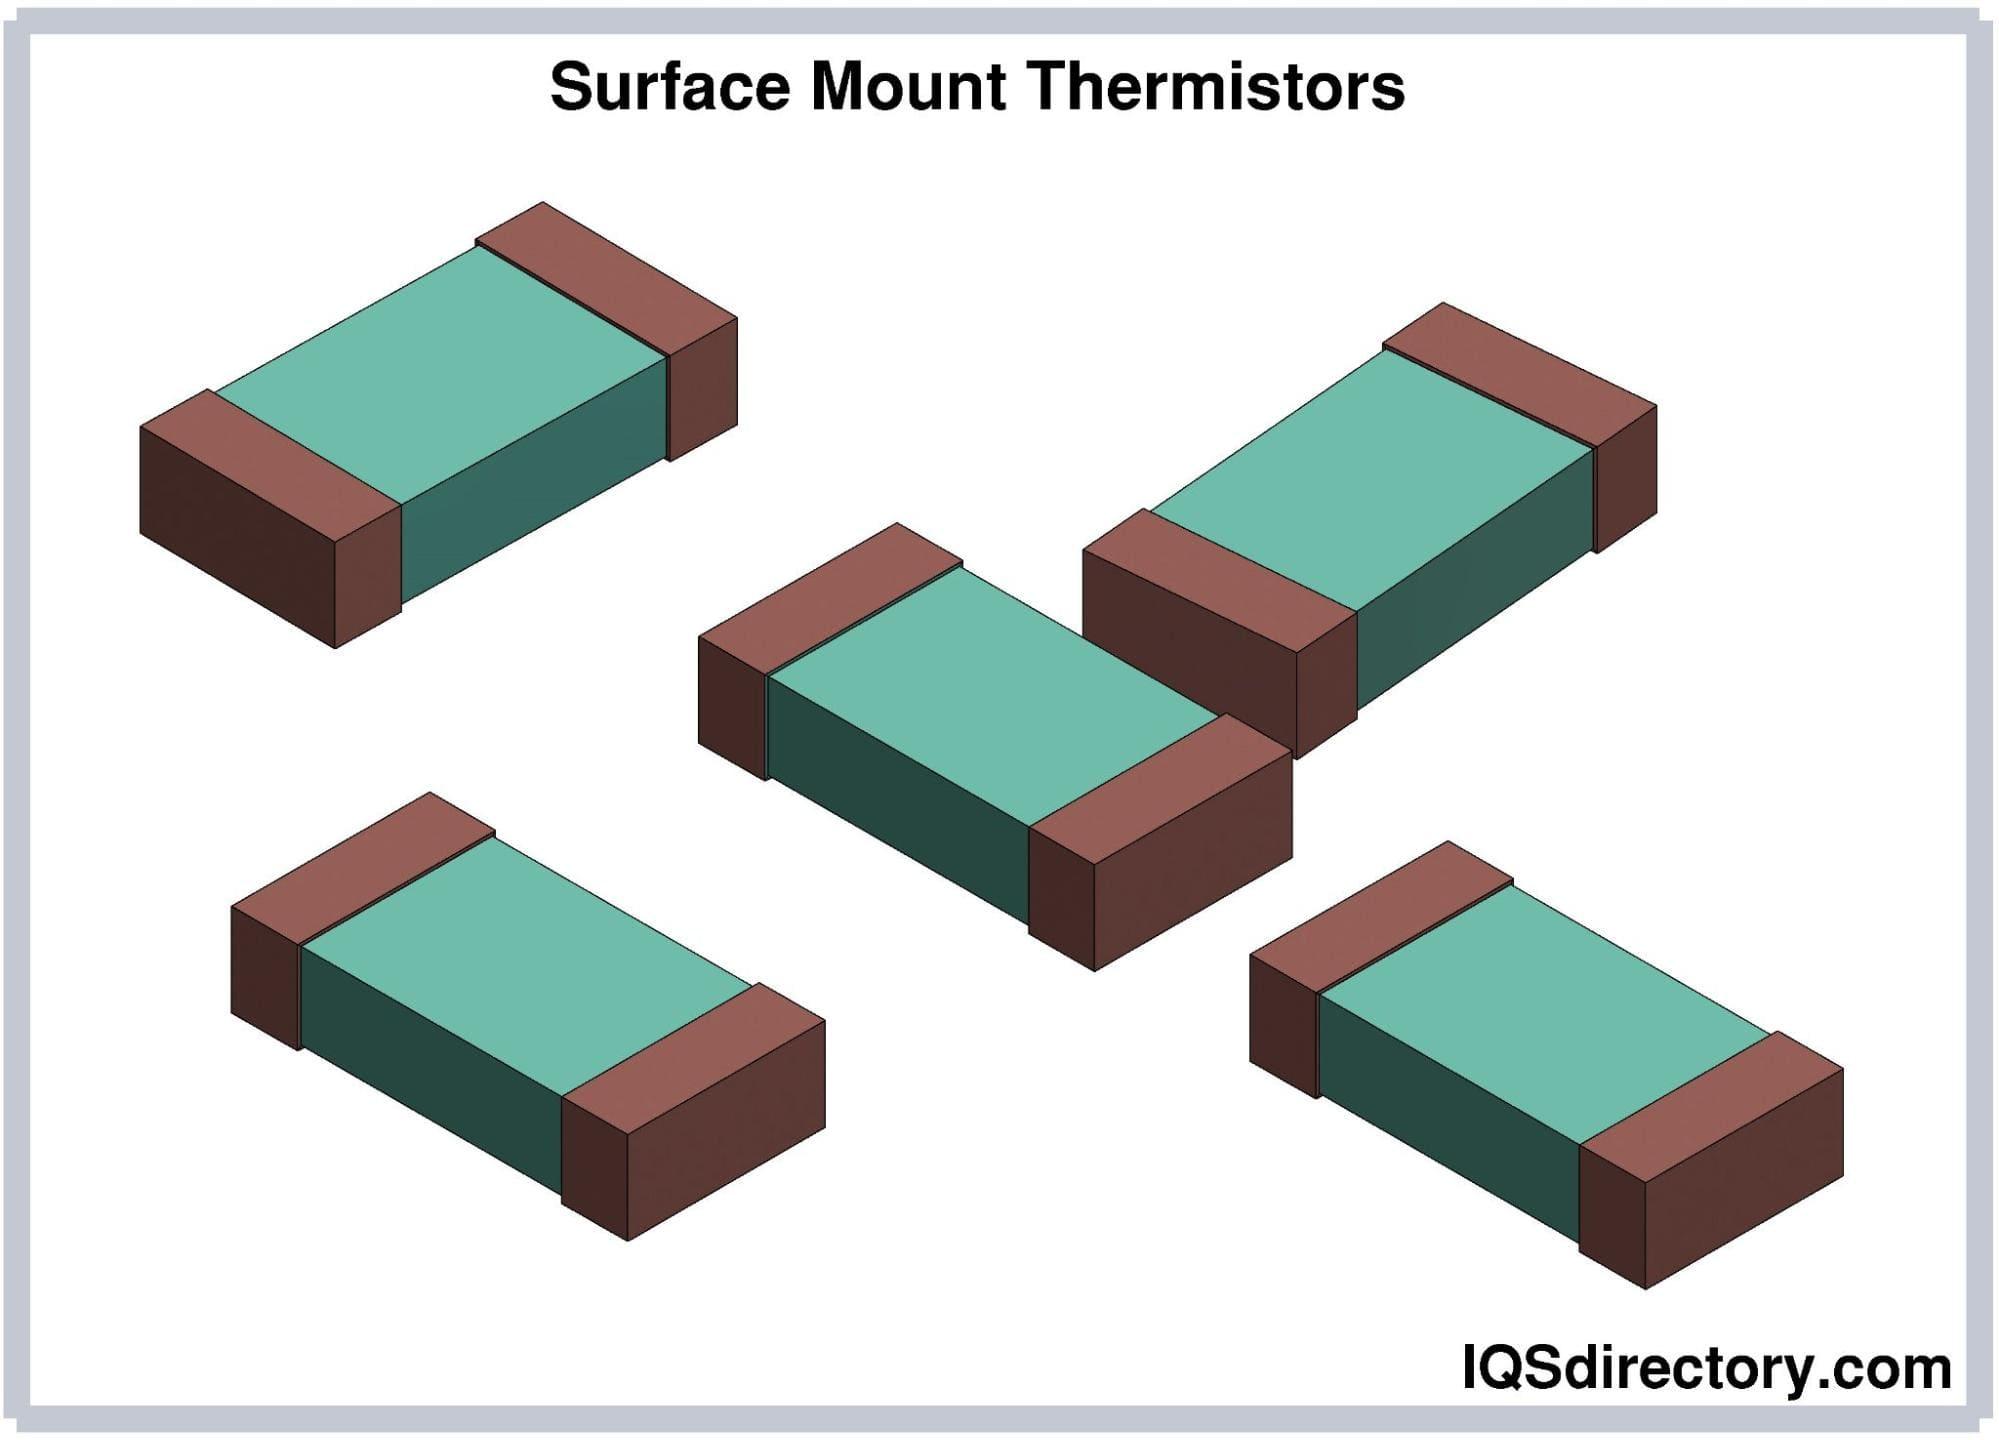 Surface Mount Thermistors